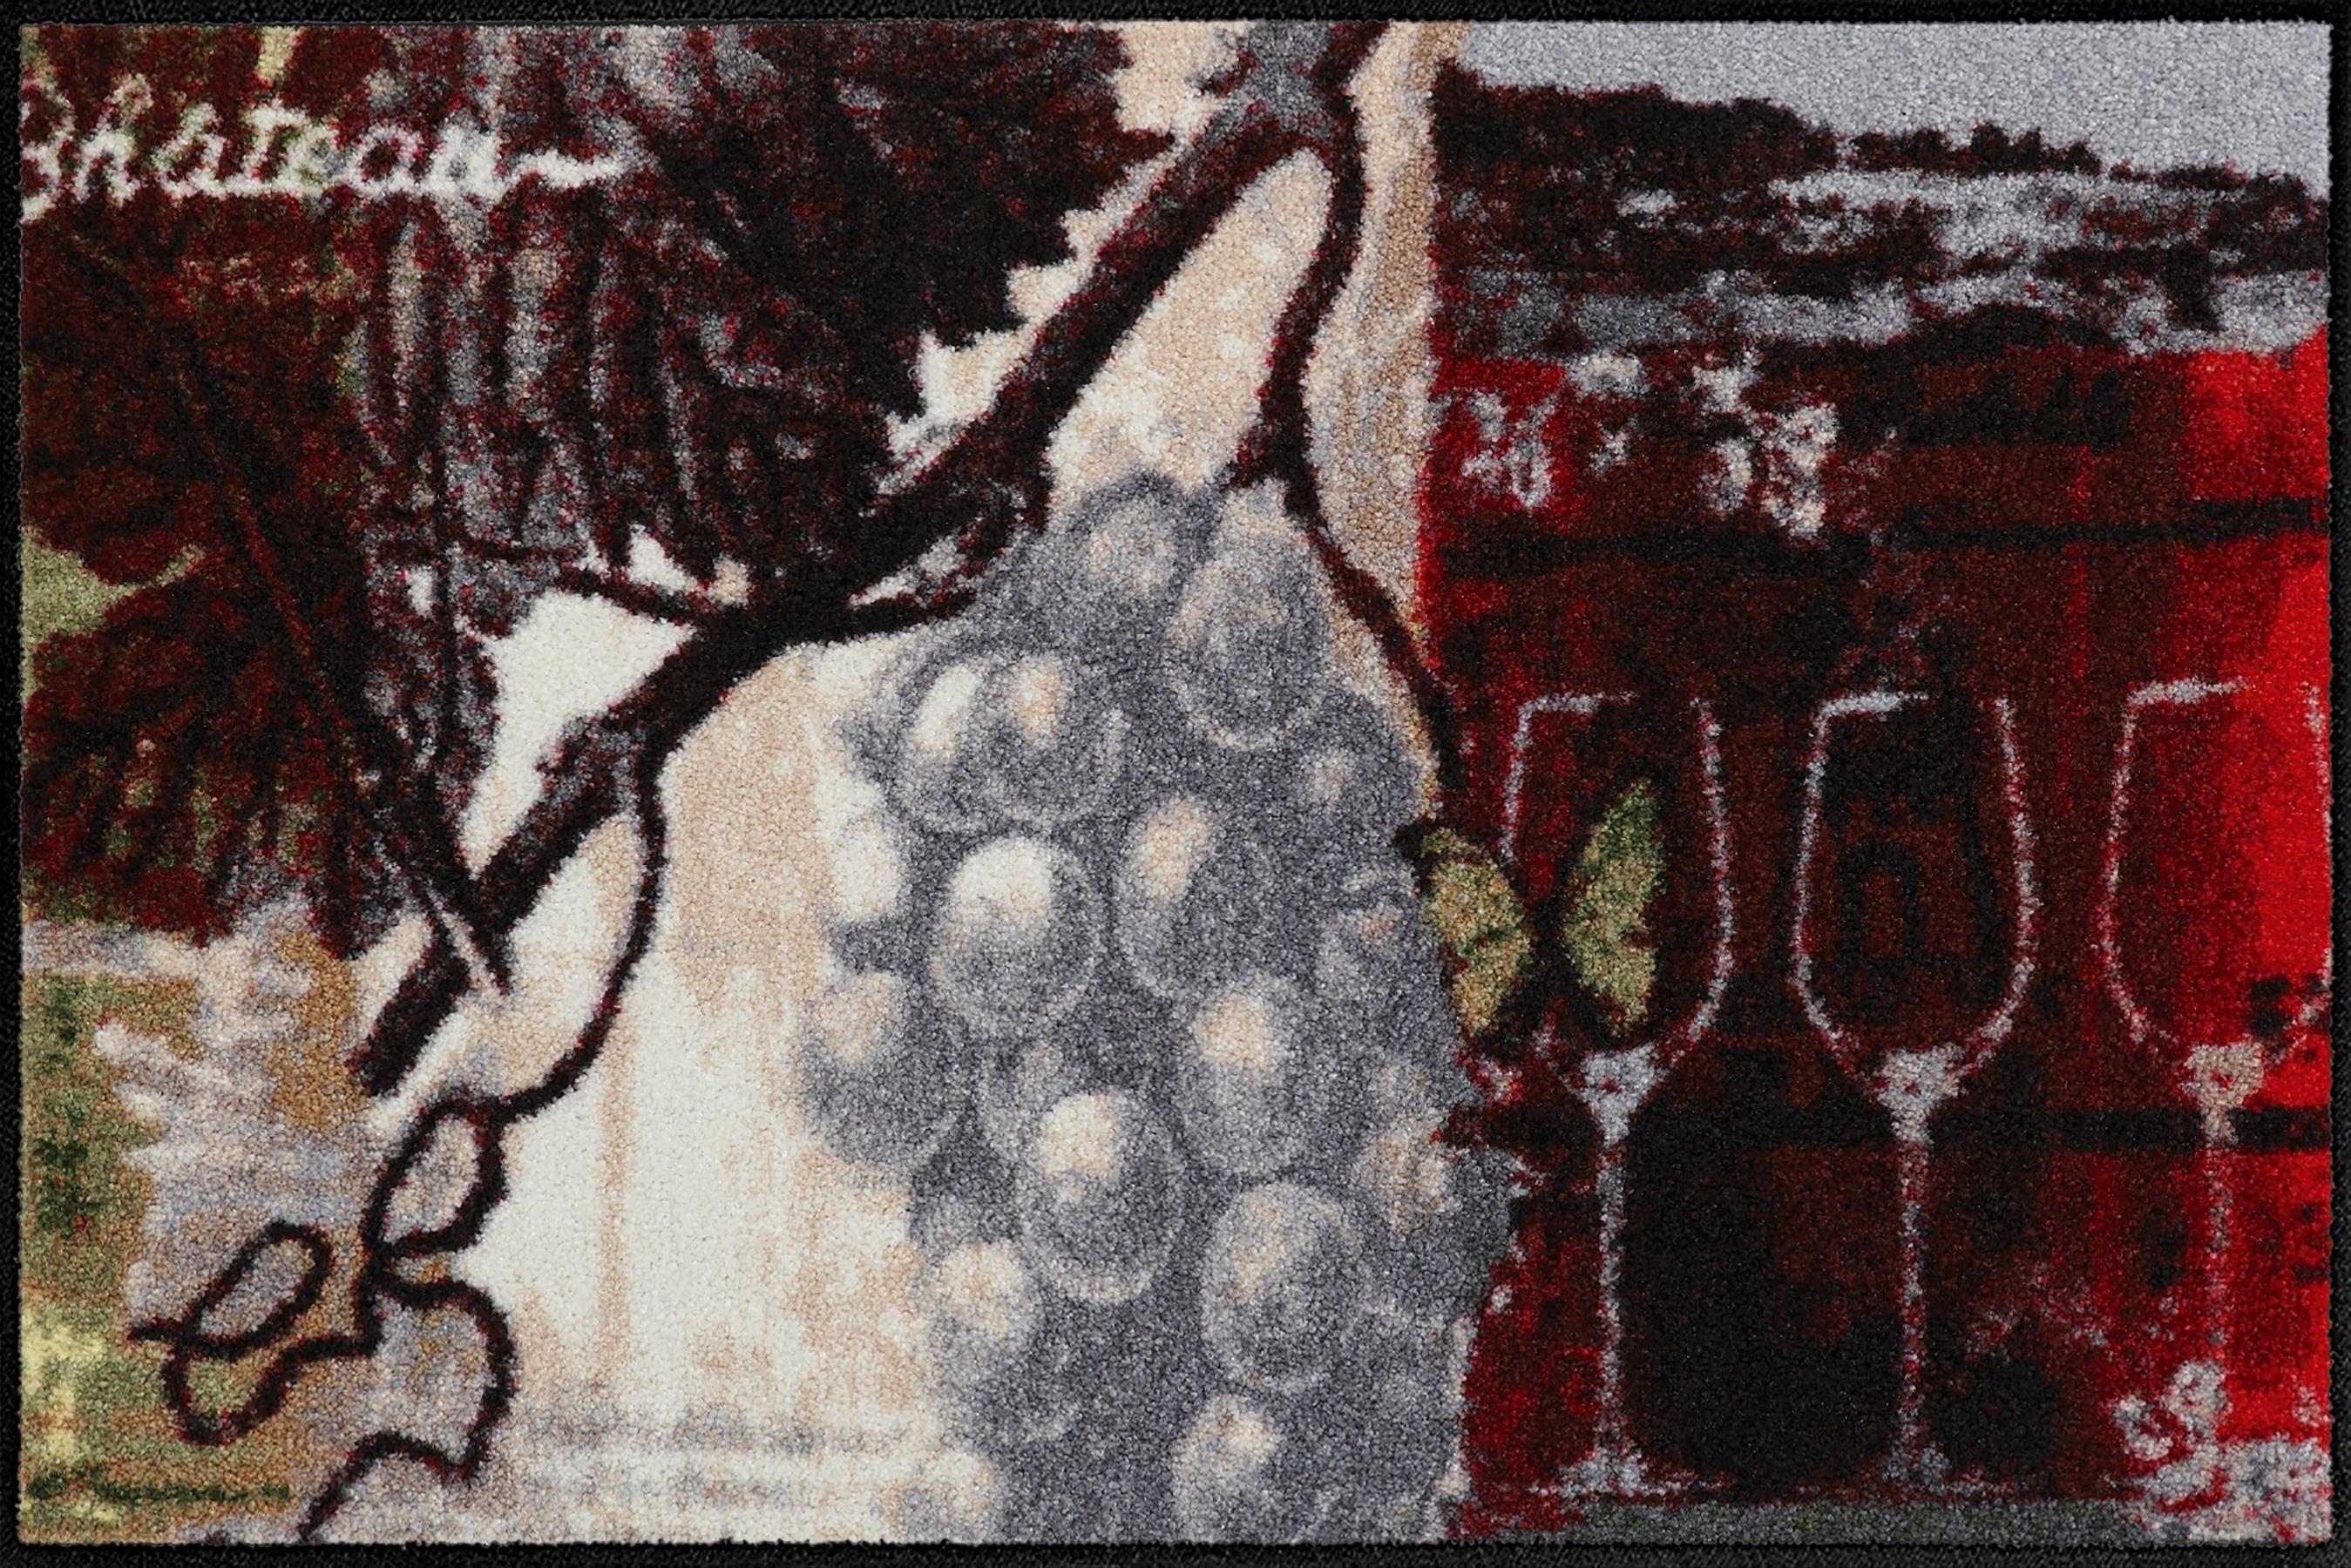 Fußmatte »Chateau Grand vin«, Salonloewe, rechteckig, Höhe 6 mm